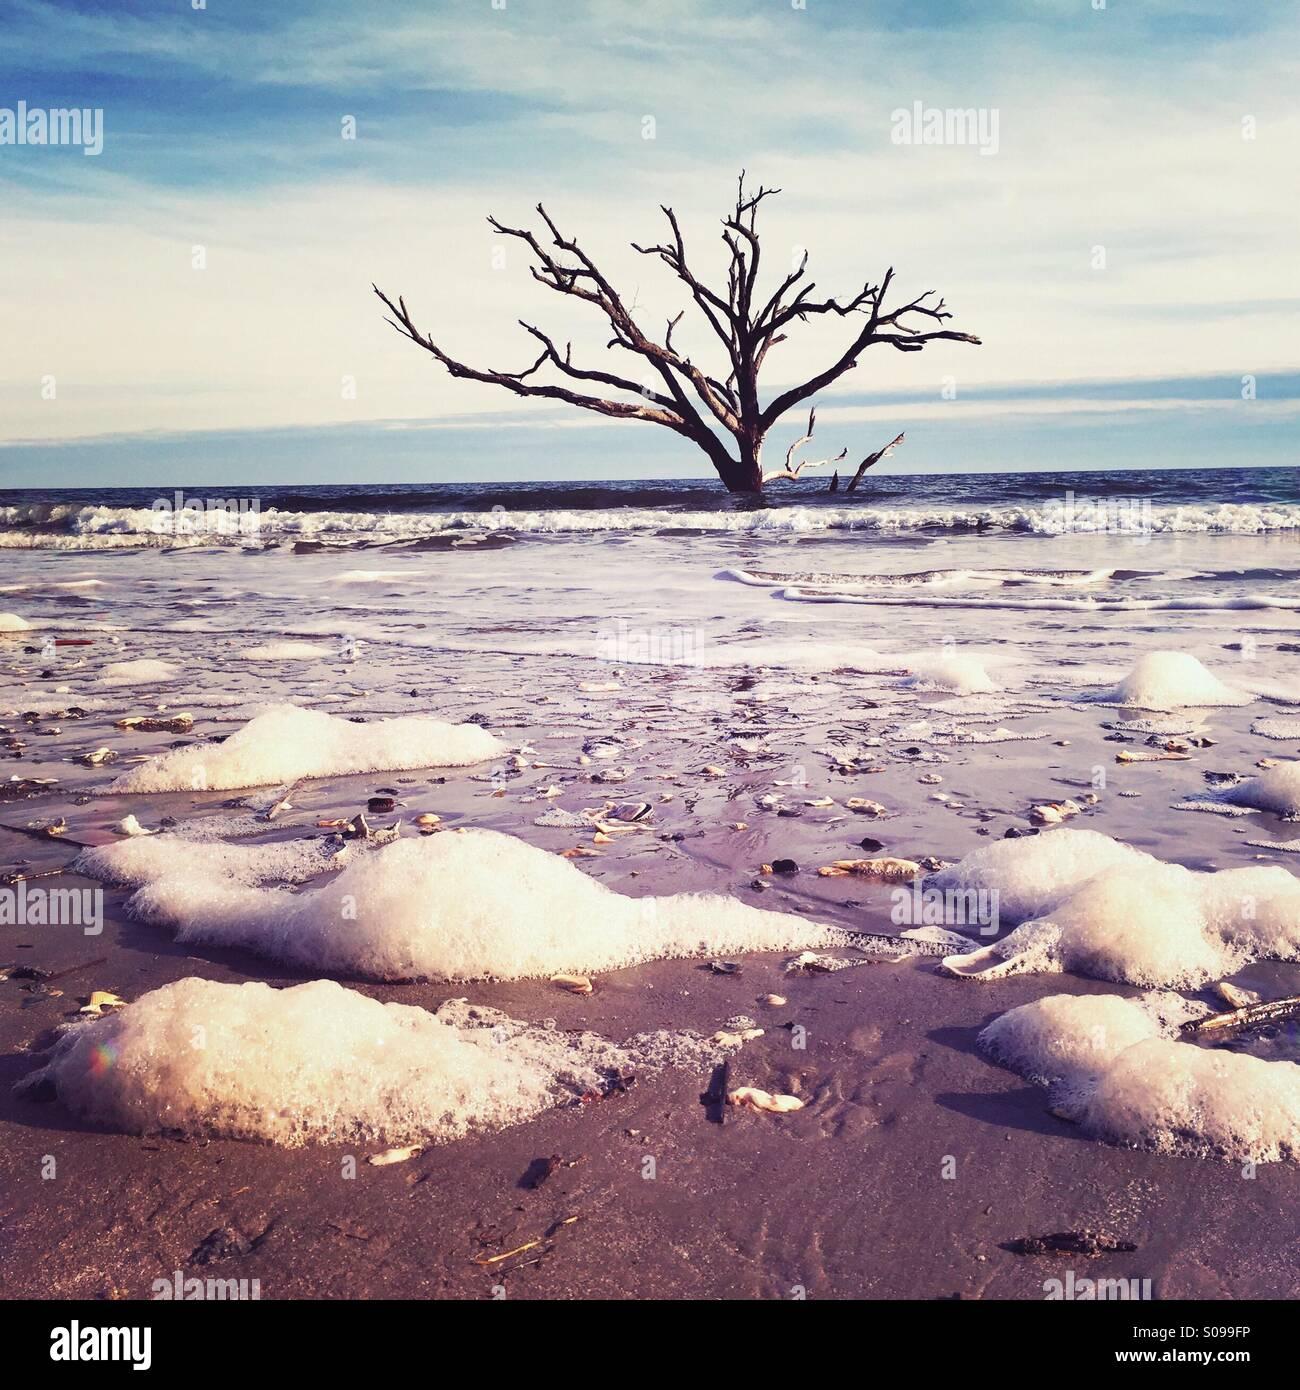 Ein einsamer toter Baum steht in der Brandung in Botany Bay auf Edisto Island, SC. Stockbild